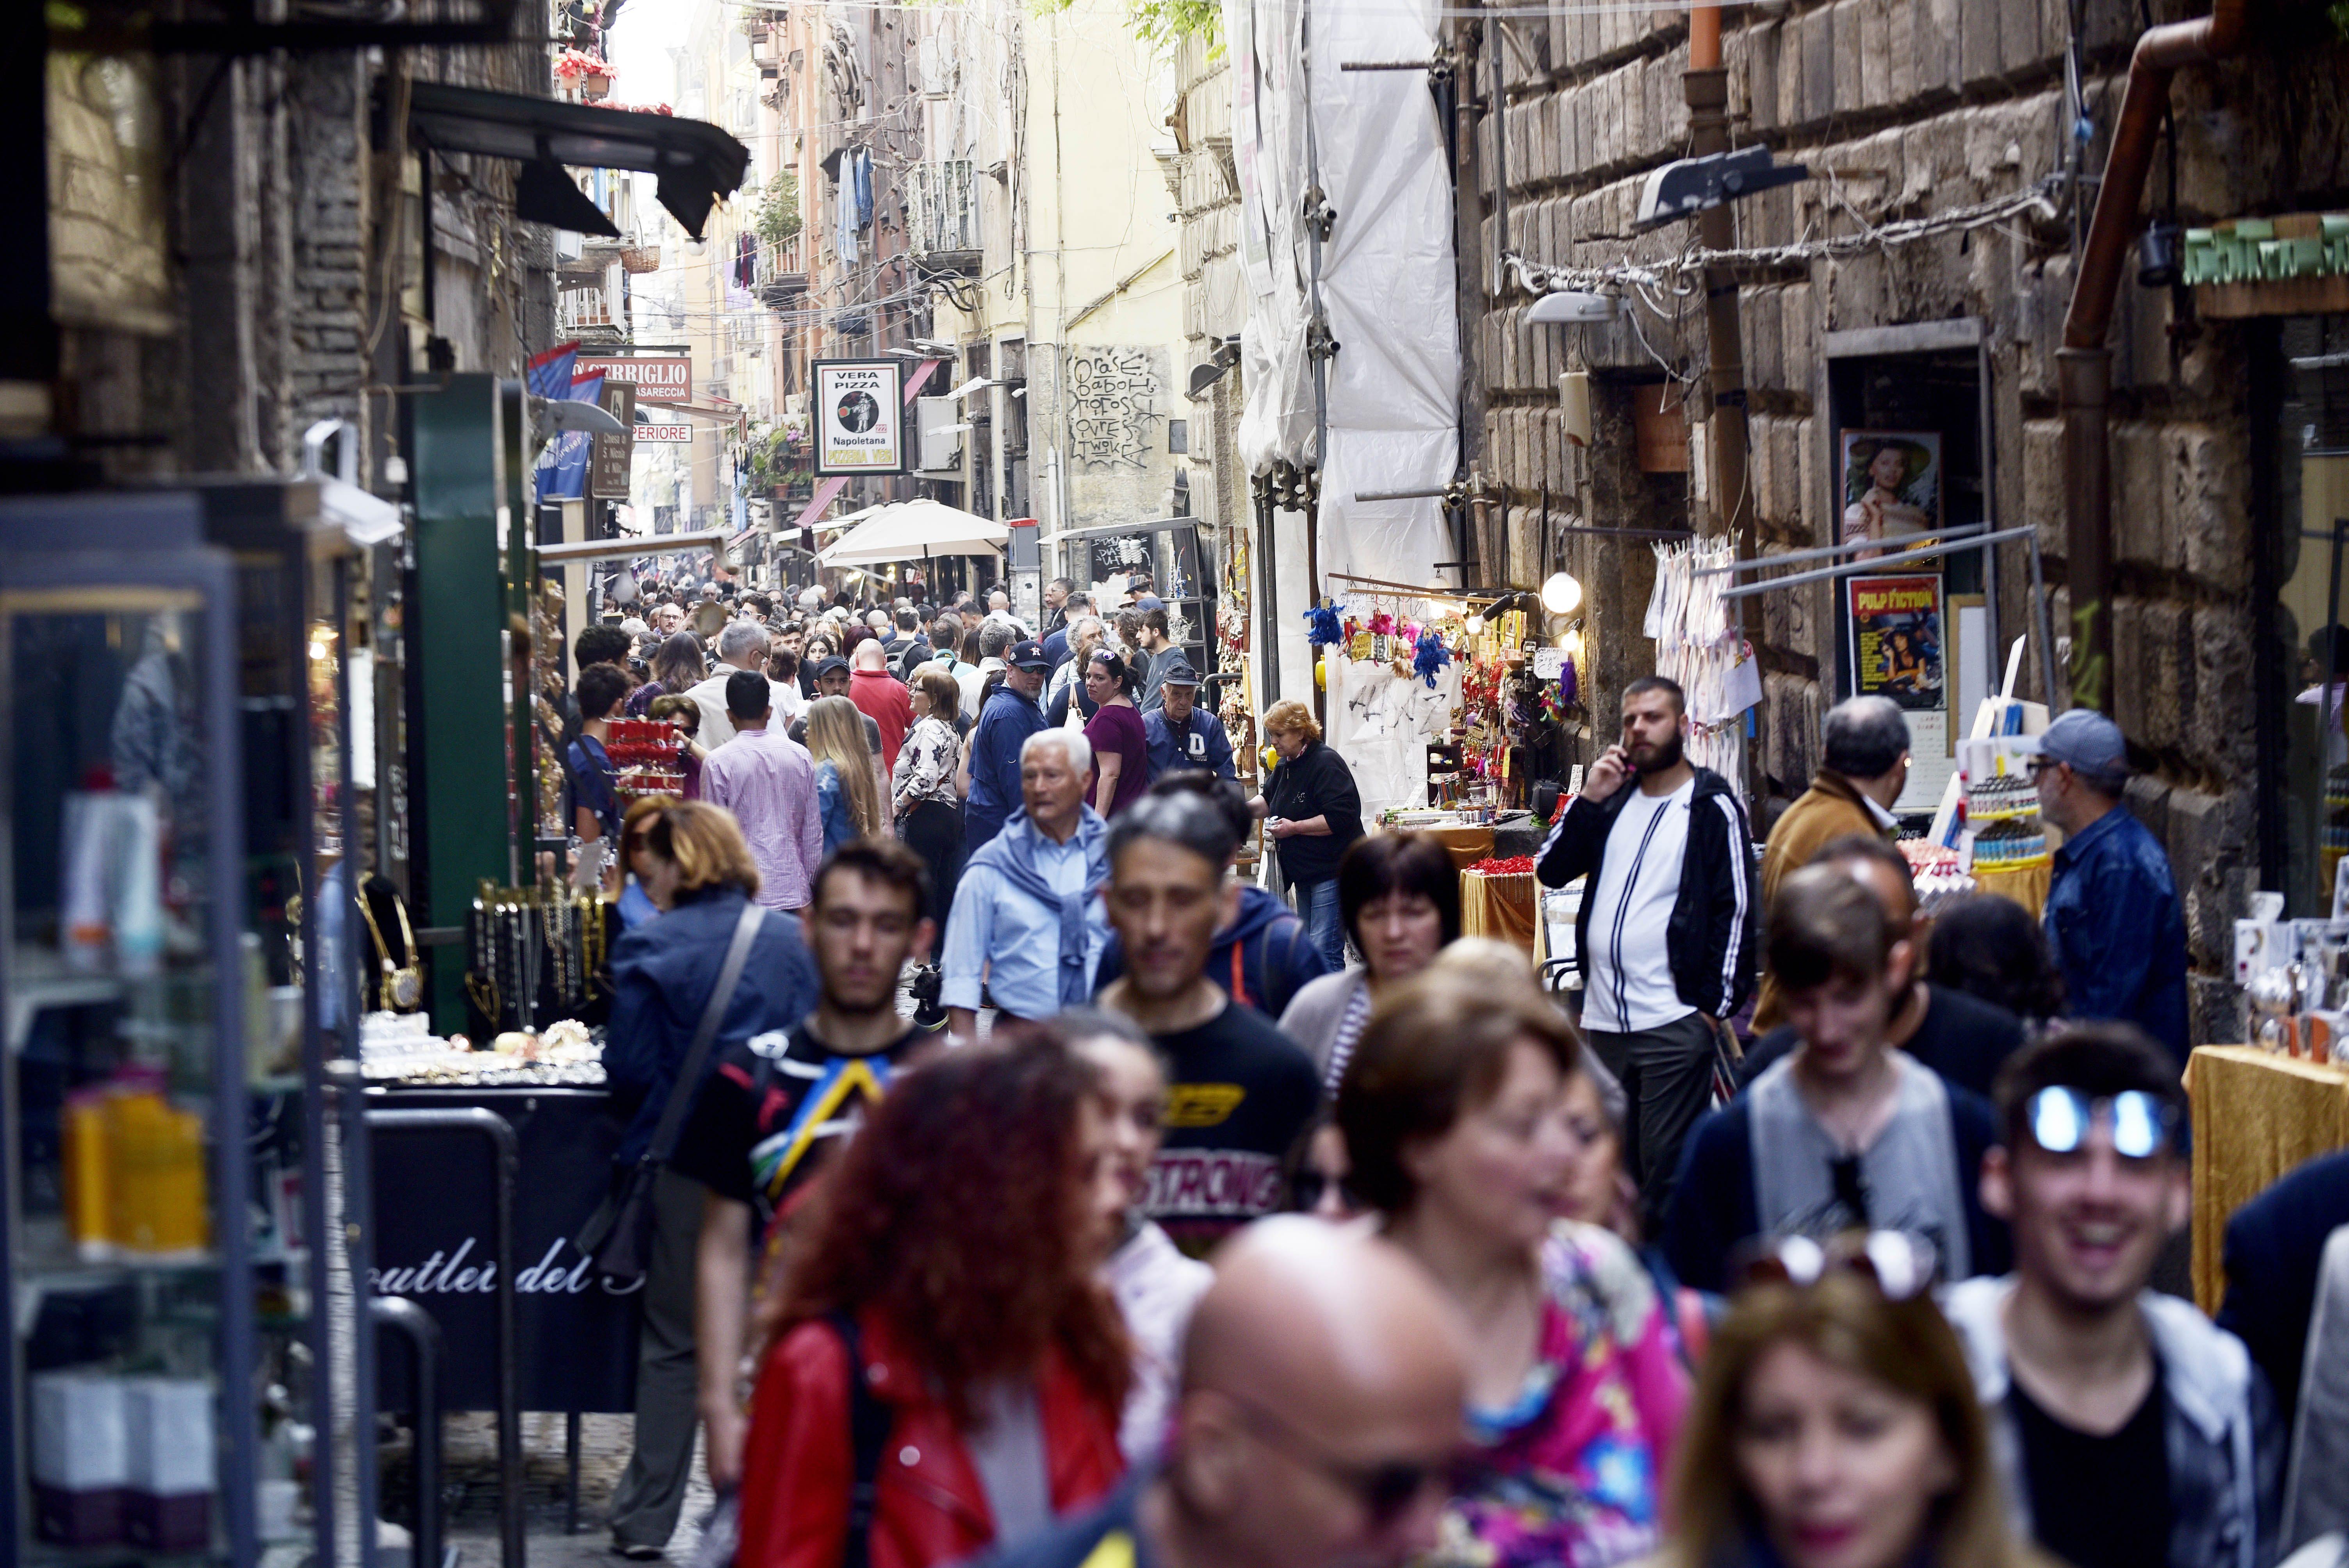 Lavoro Come Architetto Napoli fase 2 in campania, gli architetti alla regione: ora centri